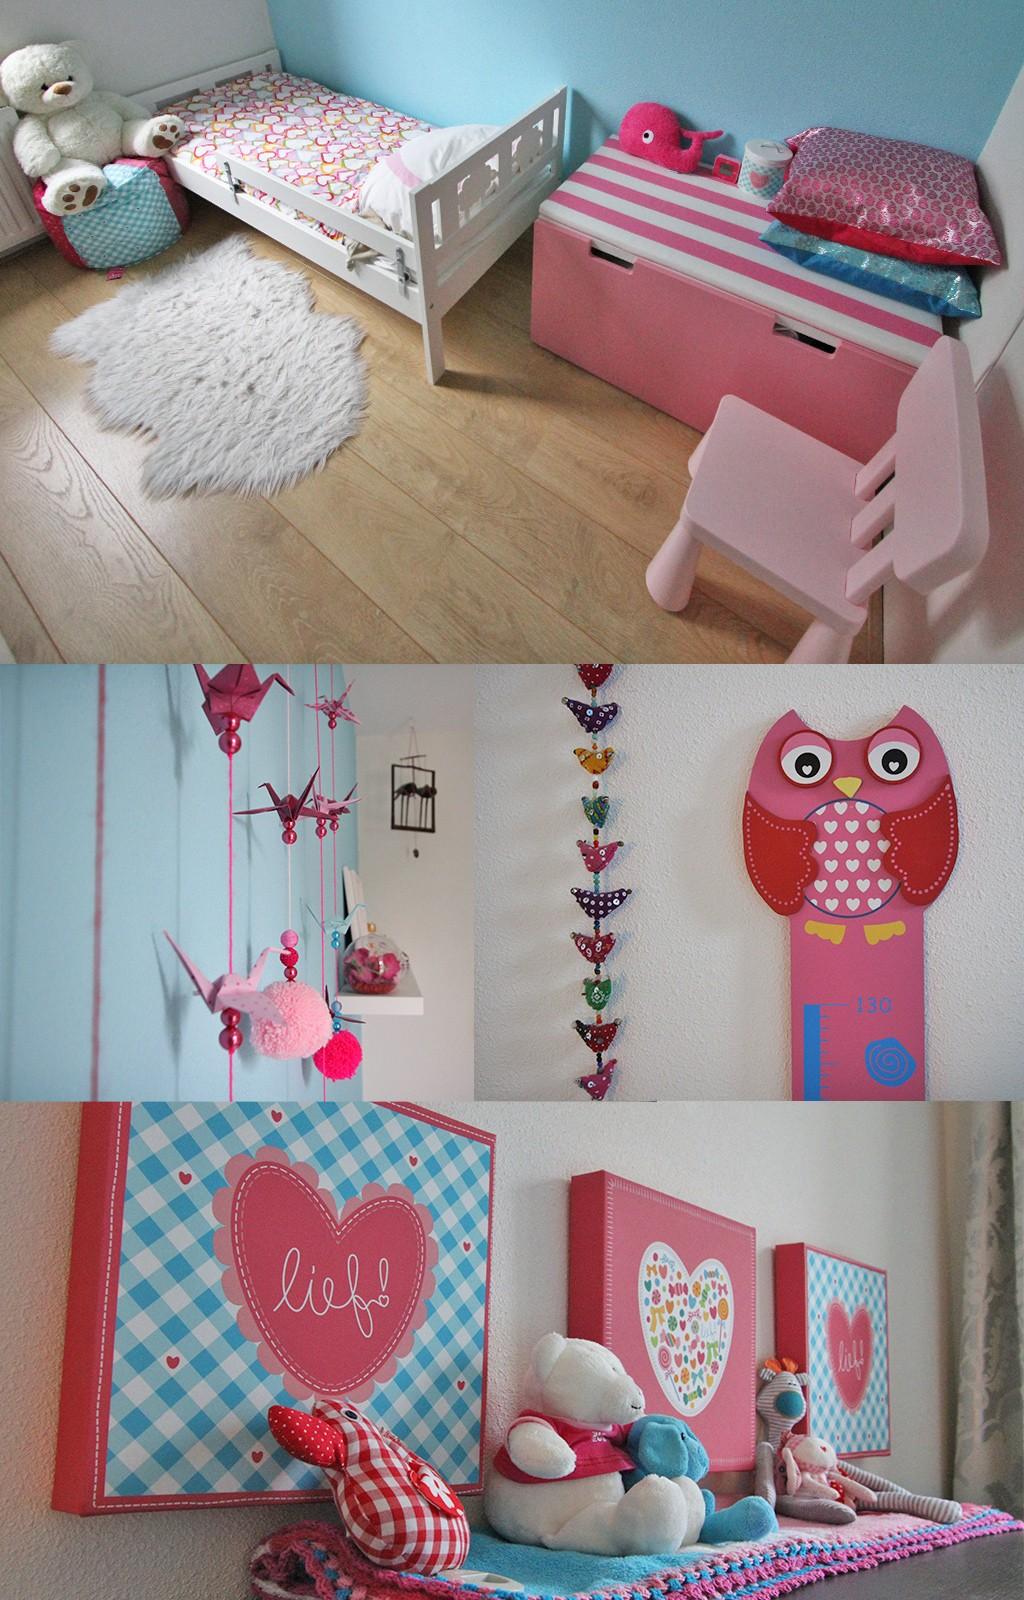 reis interieur kinderslaapkamer 2